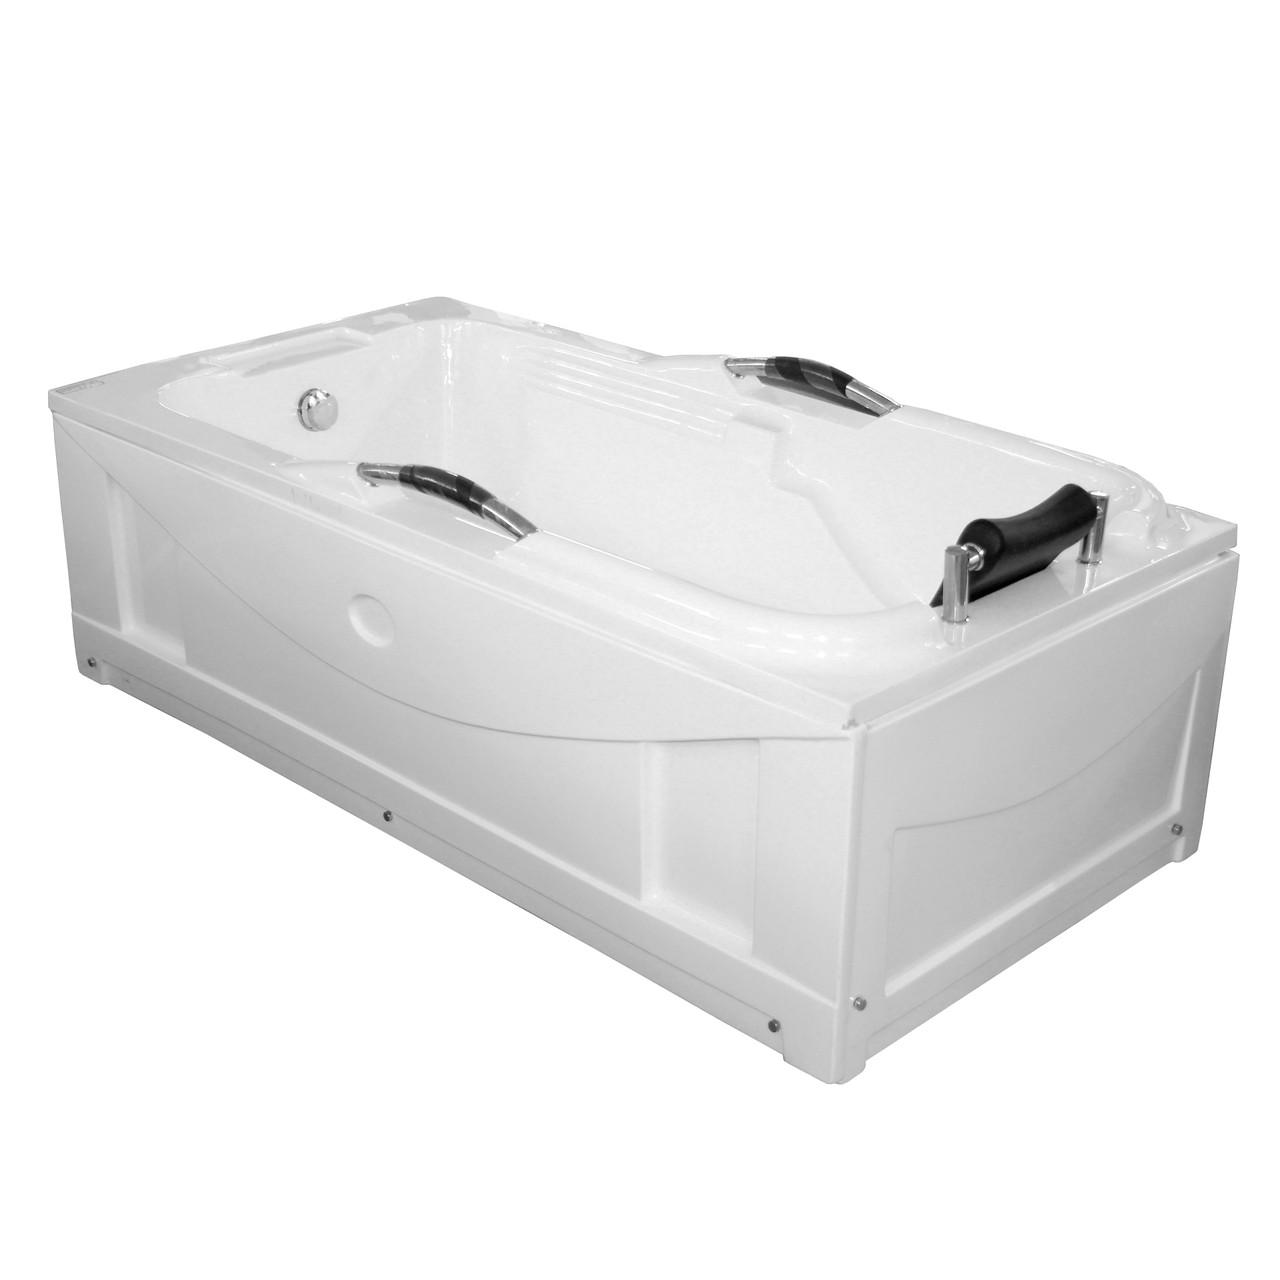 Ванна акриловая 180х90 прямая XMA212B в комплекте с 2-я экранами и каркасом